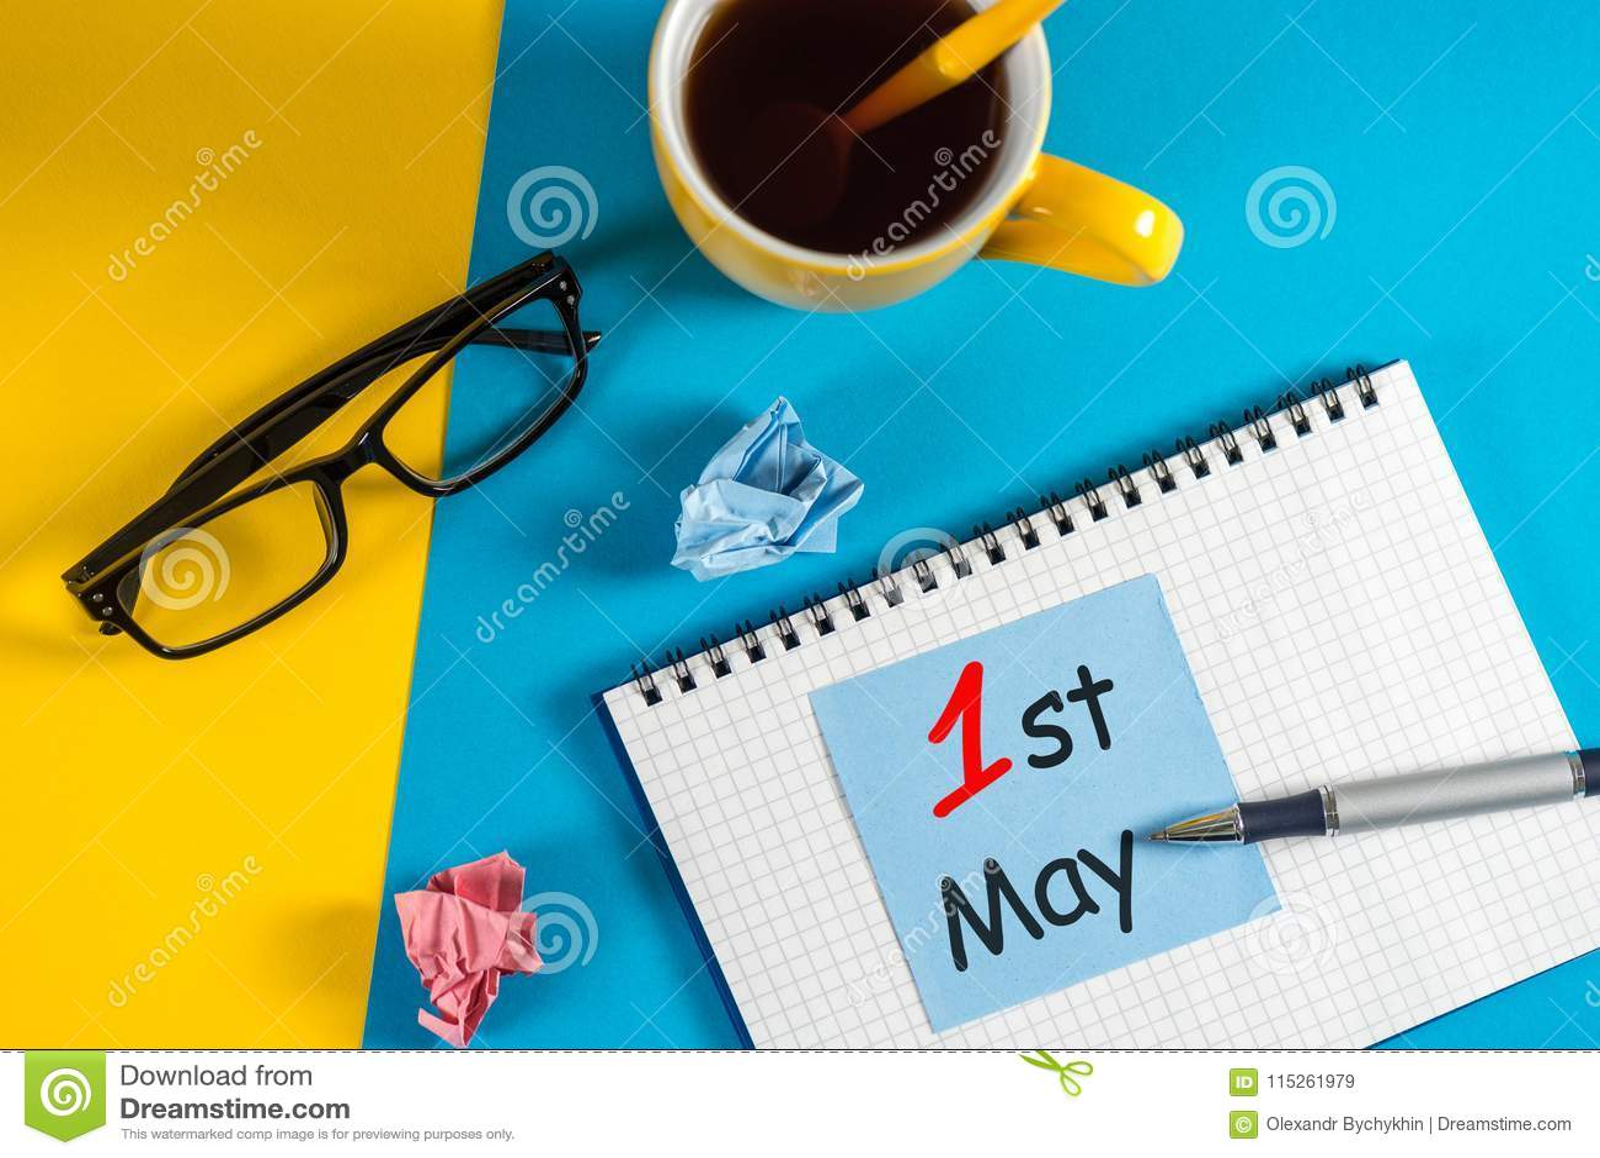 Calendario Internazionale.Giorno Di Lavoro Internazionale 1 Maggio Il Giorno 1 Di Puo